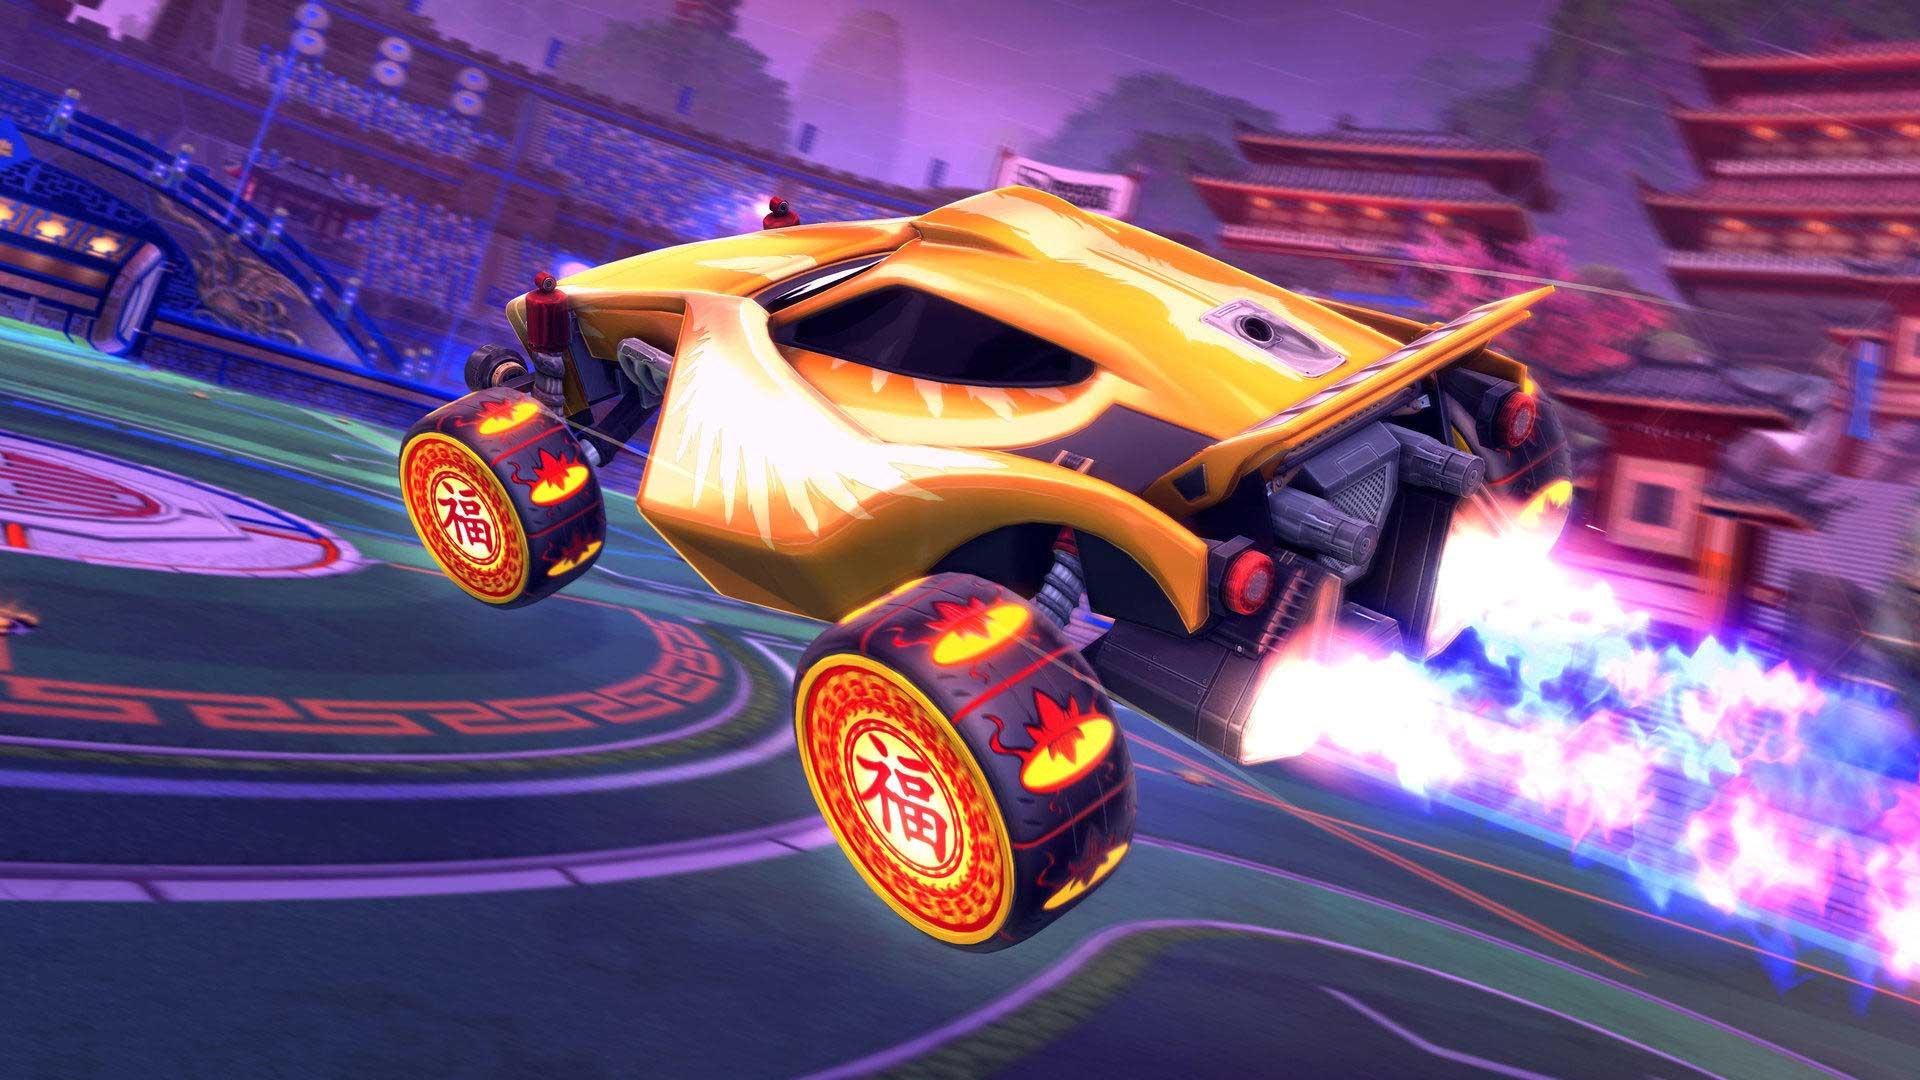 rl lucky lanterns items wheel fortune 150.309bf22bd29c2e411e9dd8eb07575bb1 babt